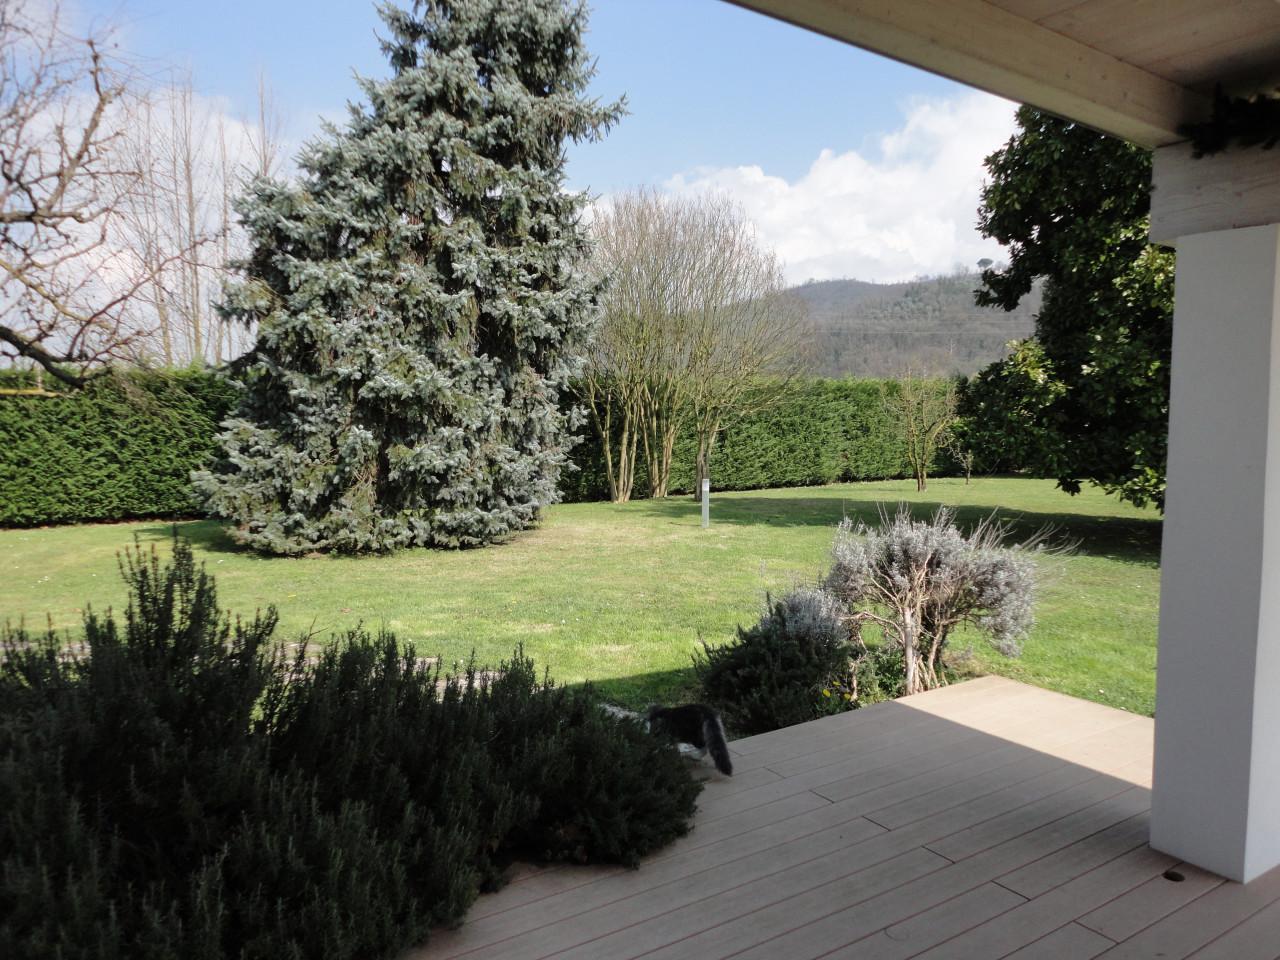 C506 - Splendida Villa Torreglia/Luvigliano https://media.gestionaleimmobiliare.it/foto/annunci/200204/2140446/1280x1280/015__dsc08115.jpg